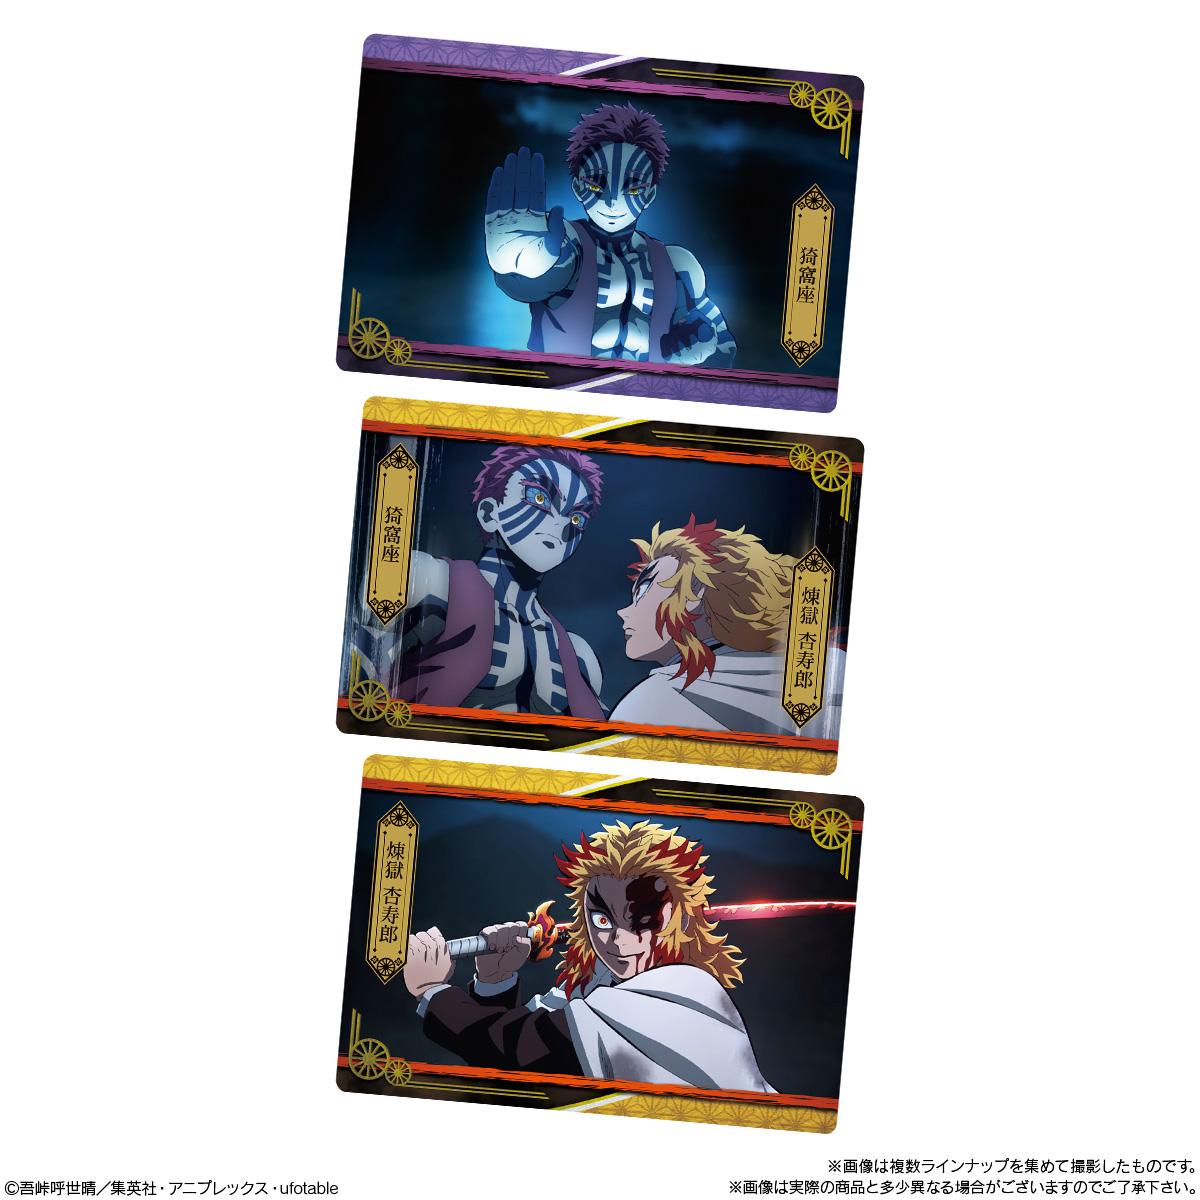 【食玩】鬼滅の刃『鬼滅の刃ウエハース4』20個入りBOX-008